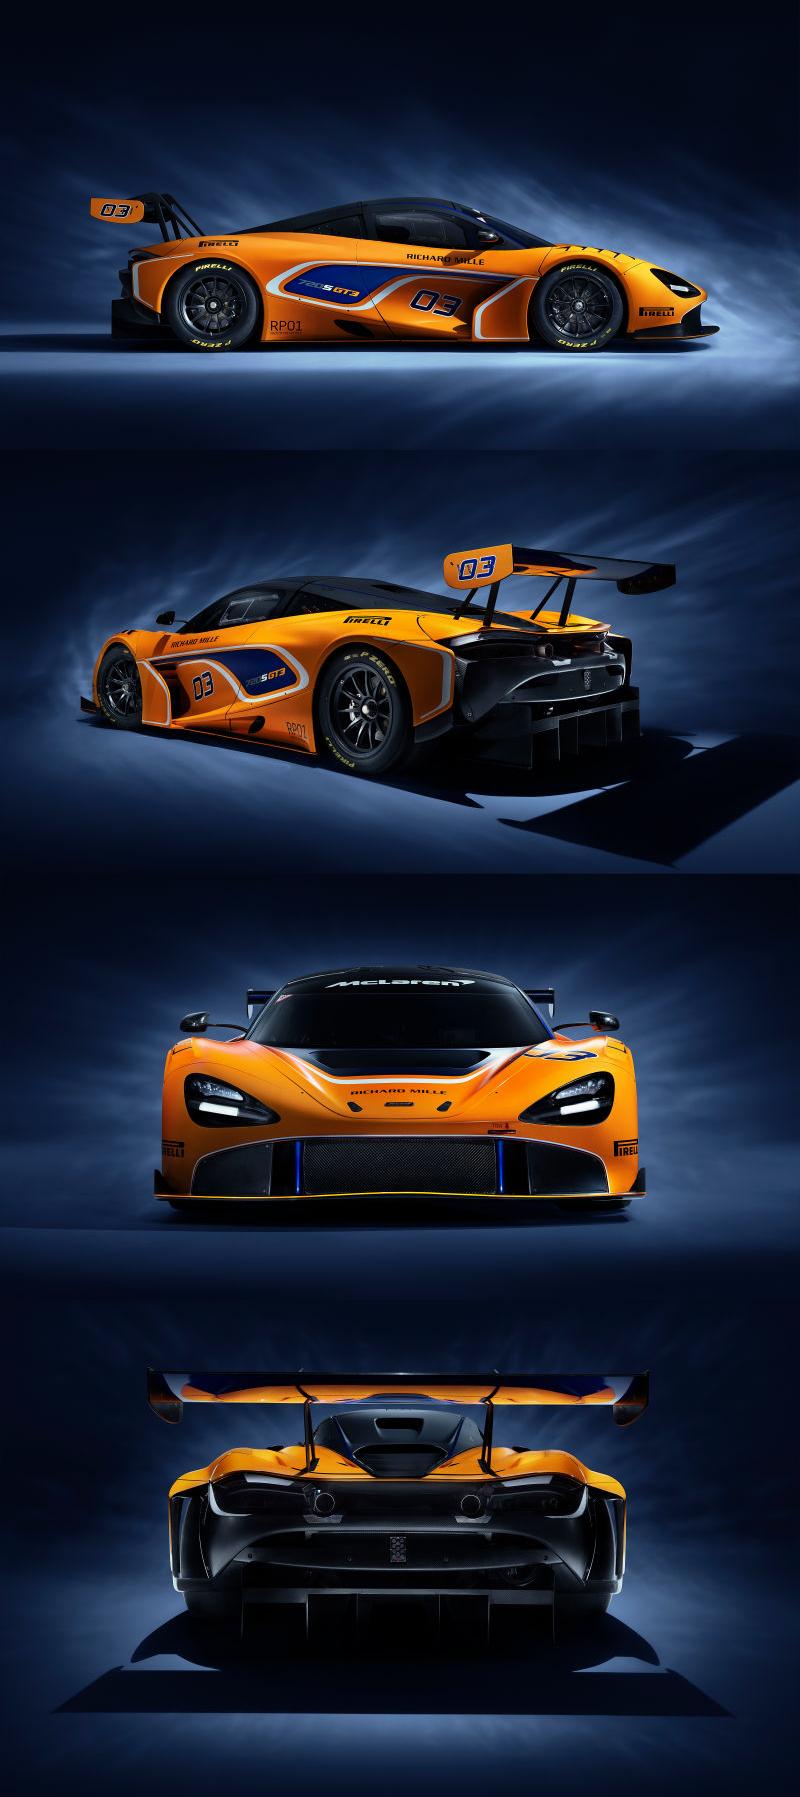 The Mclaren 720s Gt3 Is The Racing Version Of The Mclaren Youre